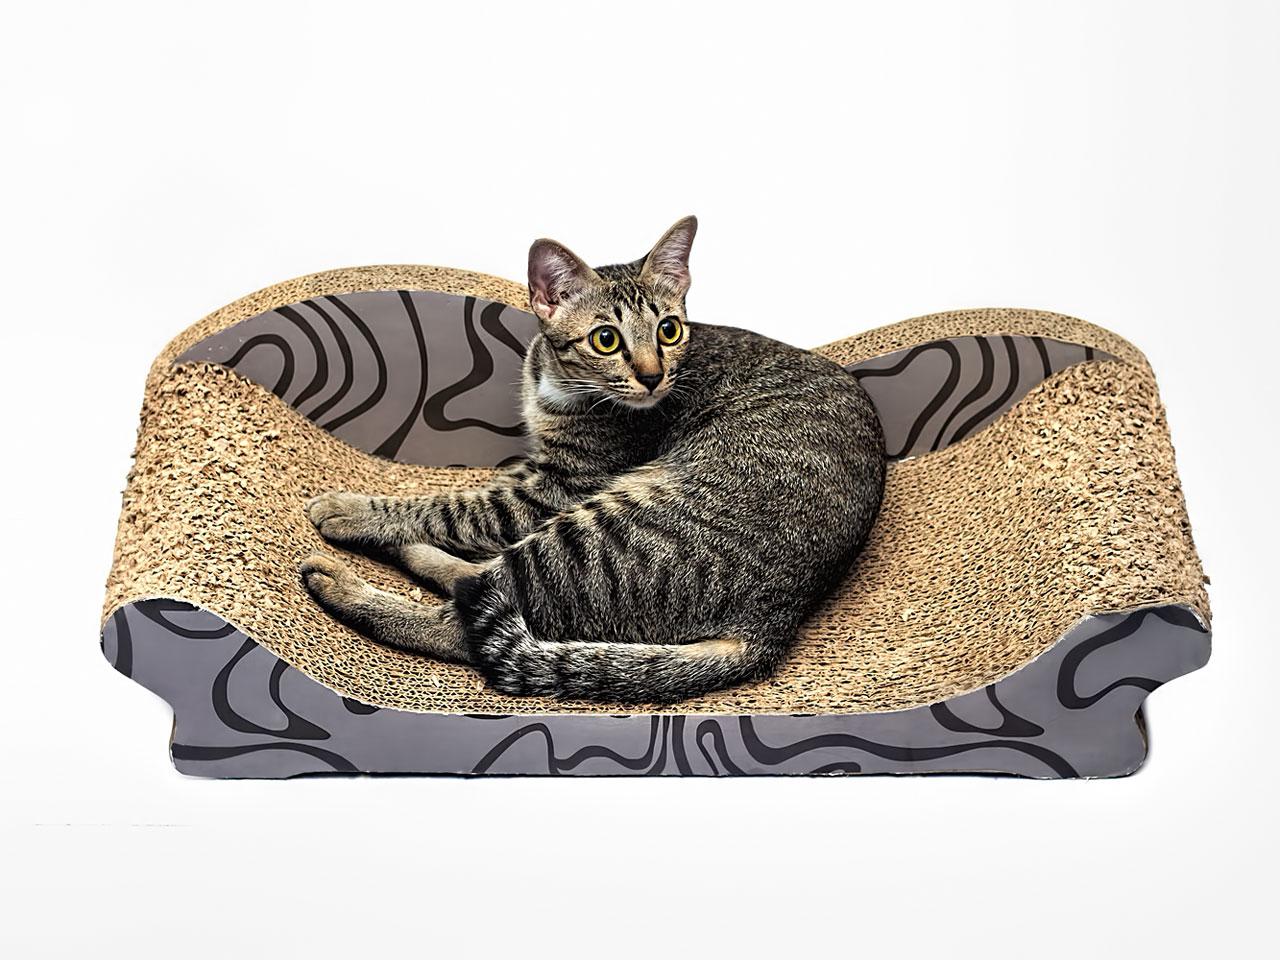 Katze liegt auf stylischem Kratzbrett